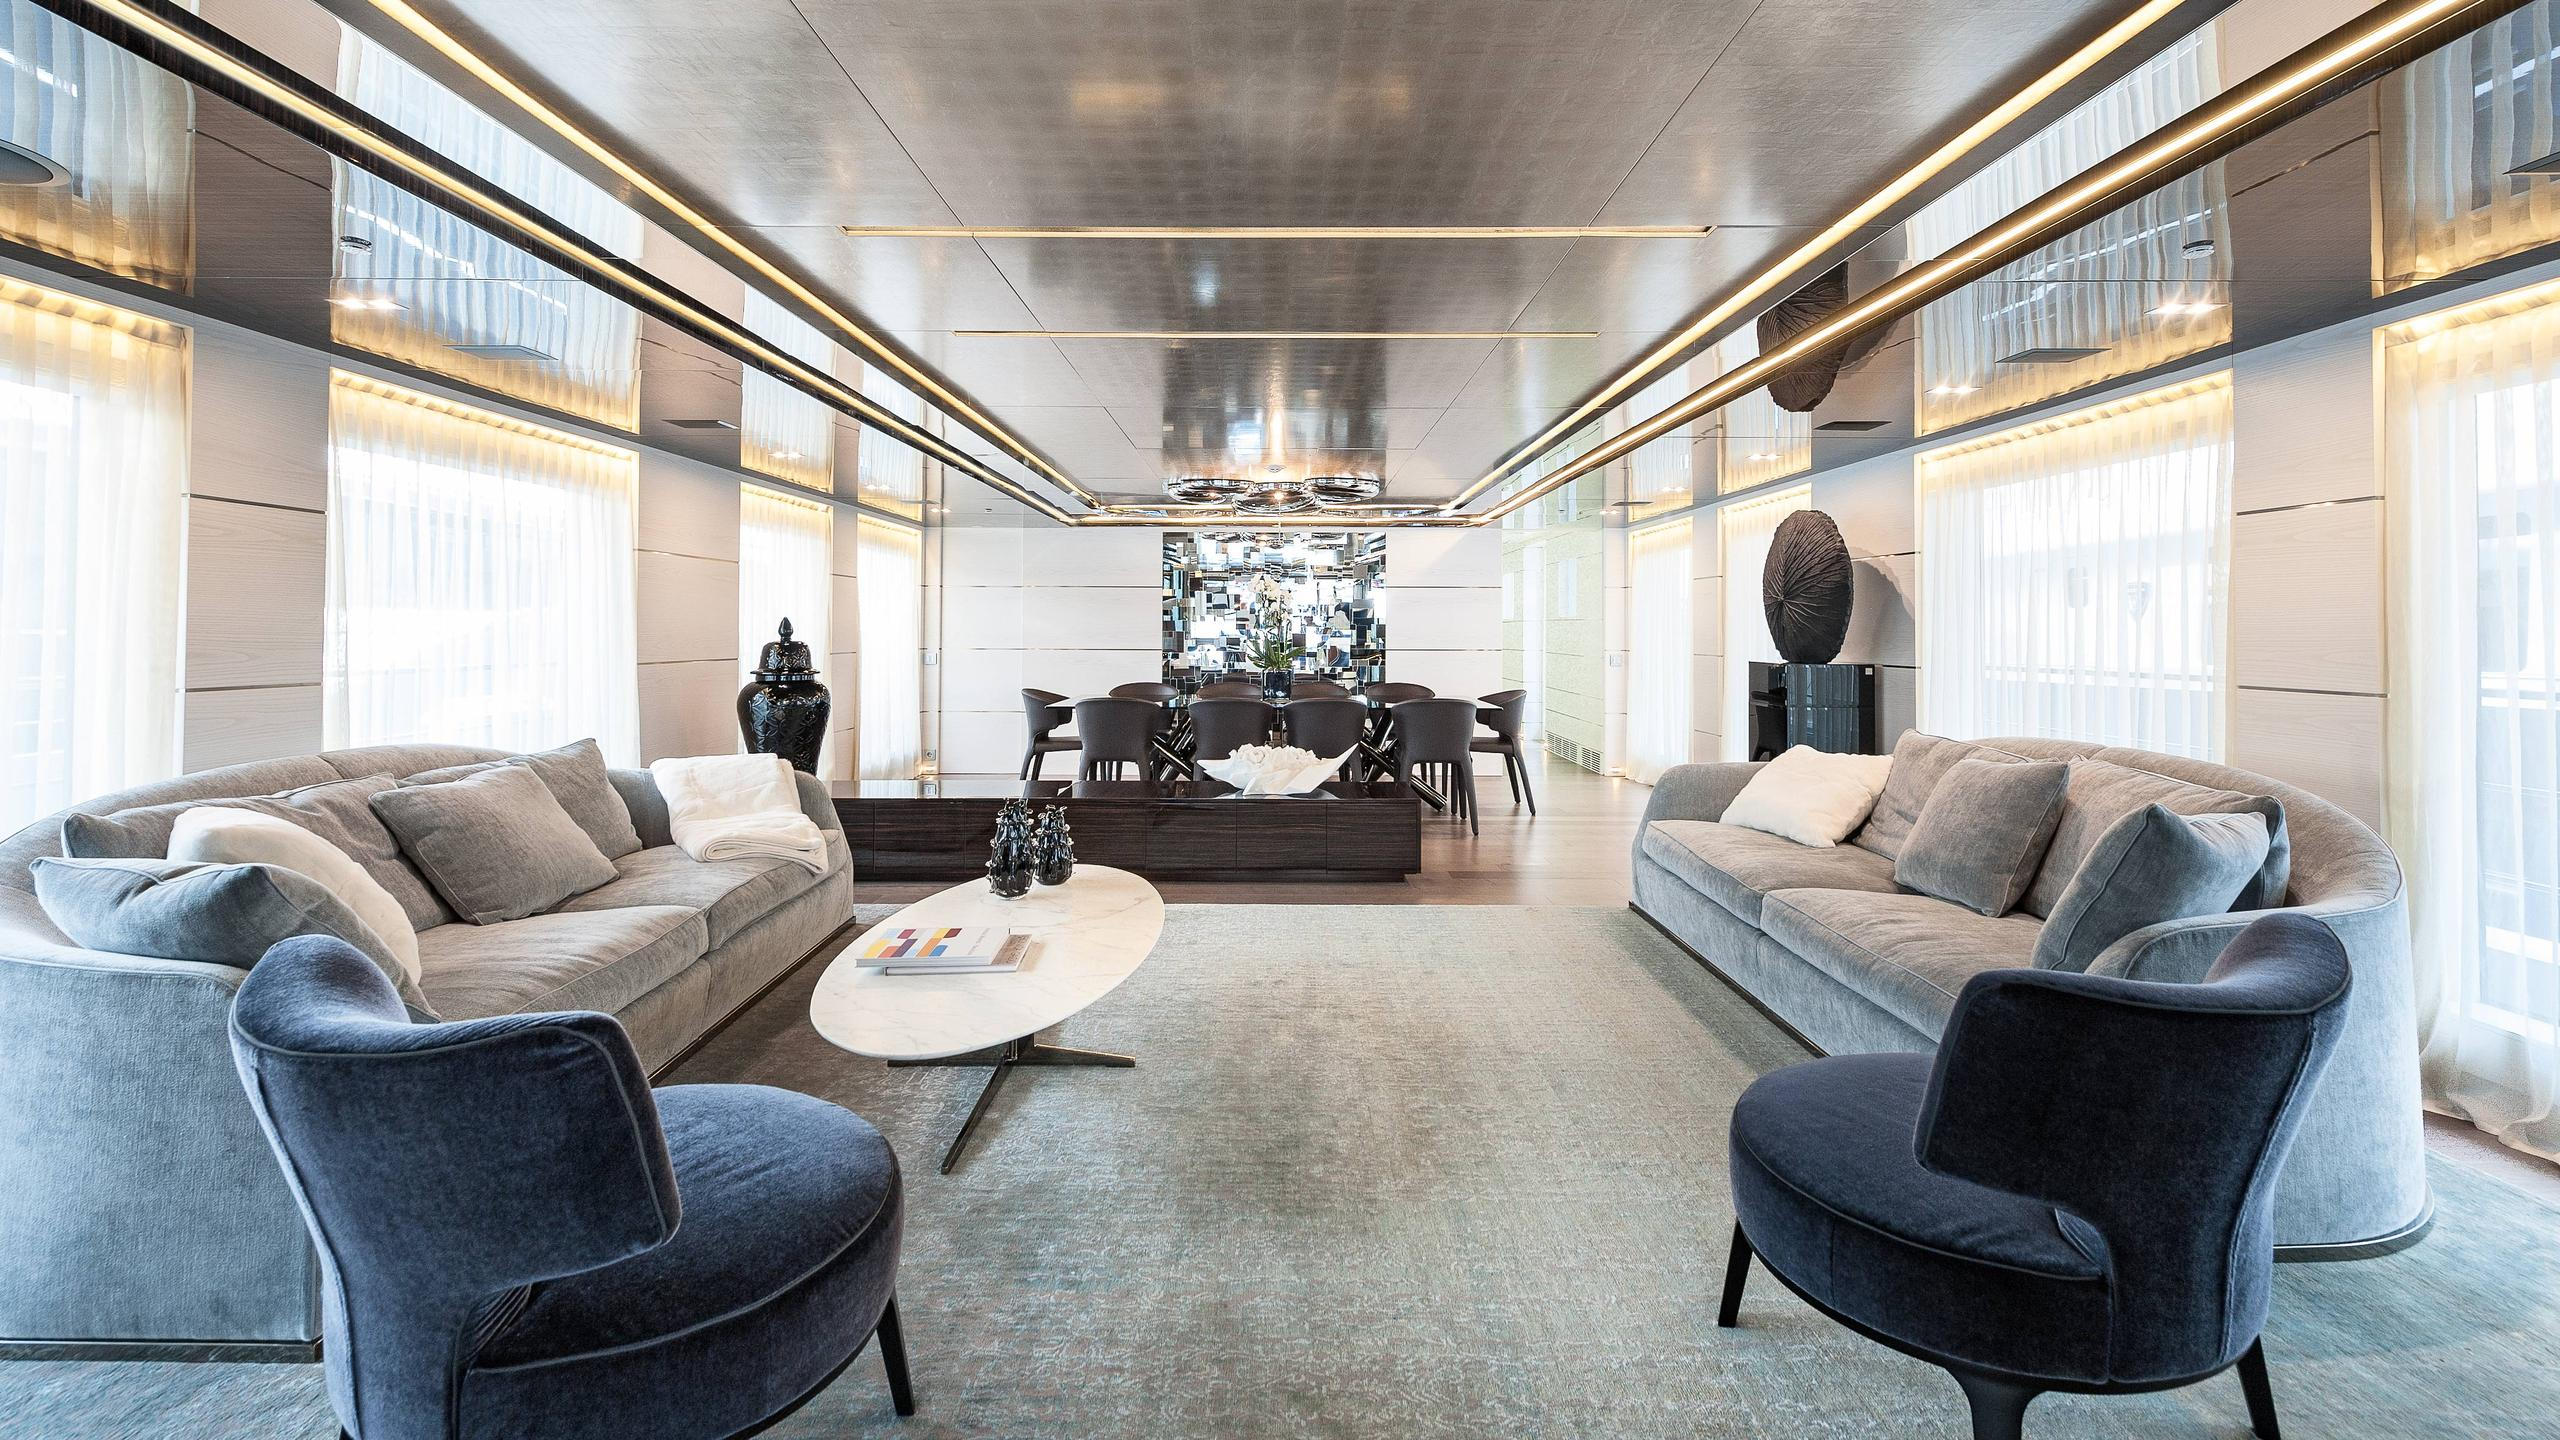 entourage-motor-yacht-admiral-the-italian-sea-group-2014-47m-saloon